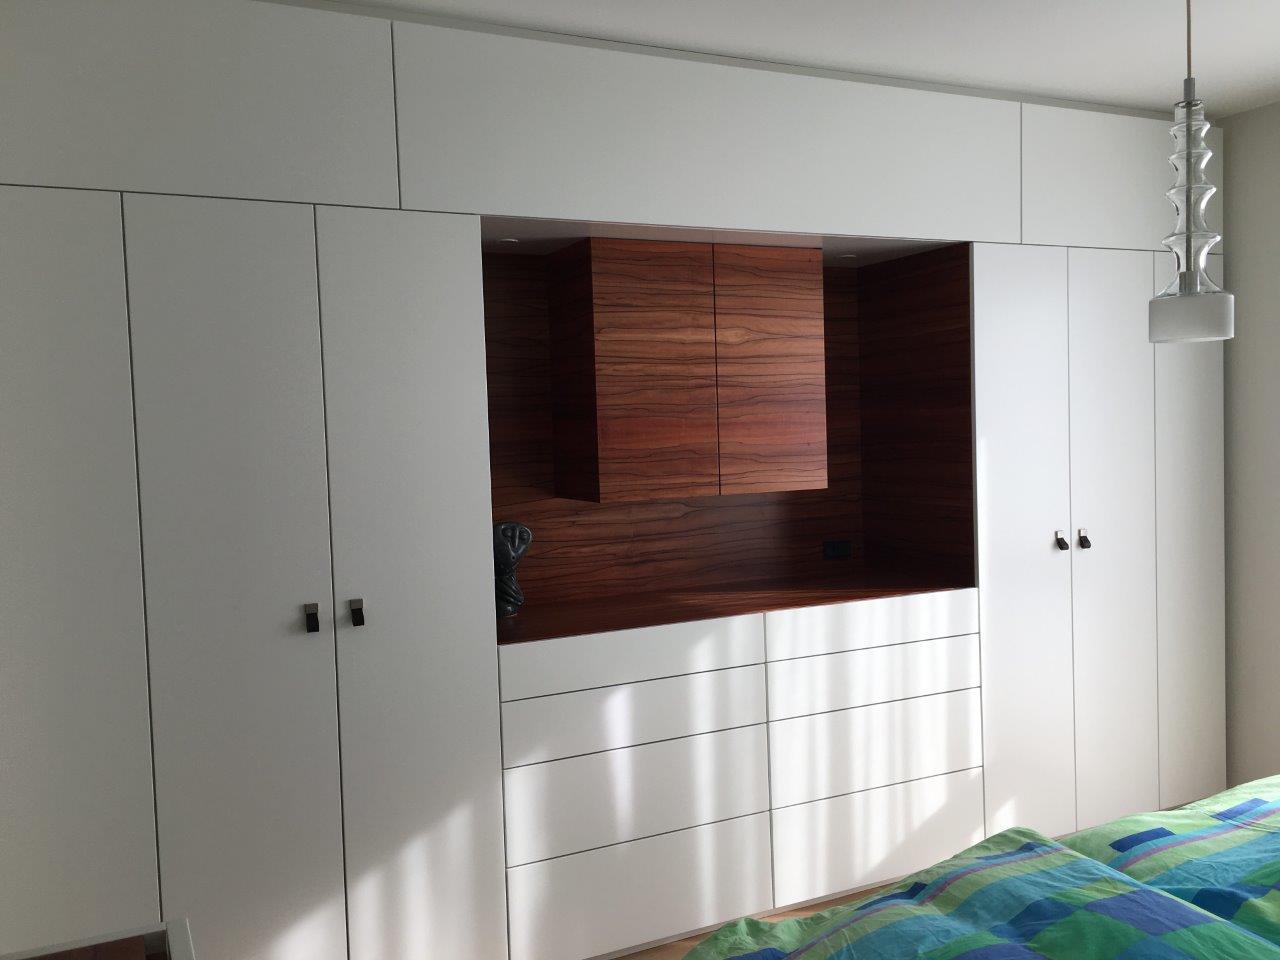 Tv Wohnzimmer Mobel Sarah Maier Innen Aussergewohnlich Sarah